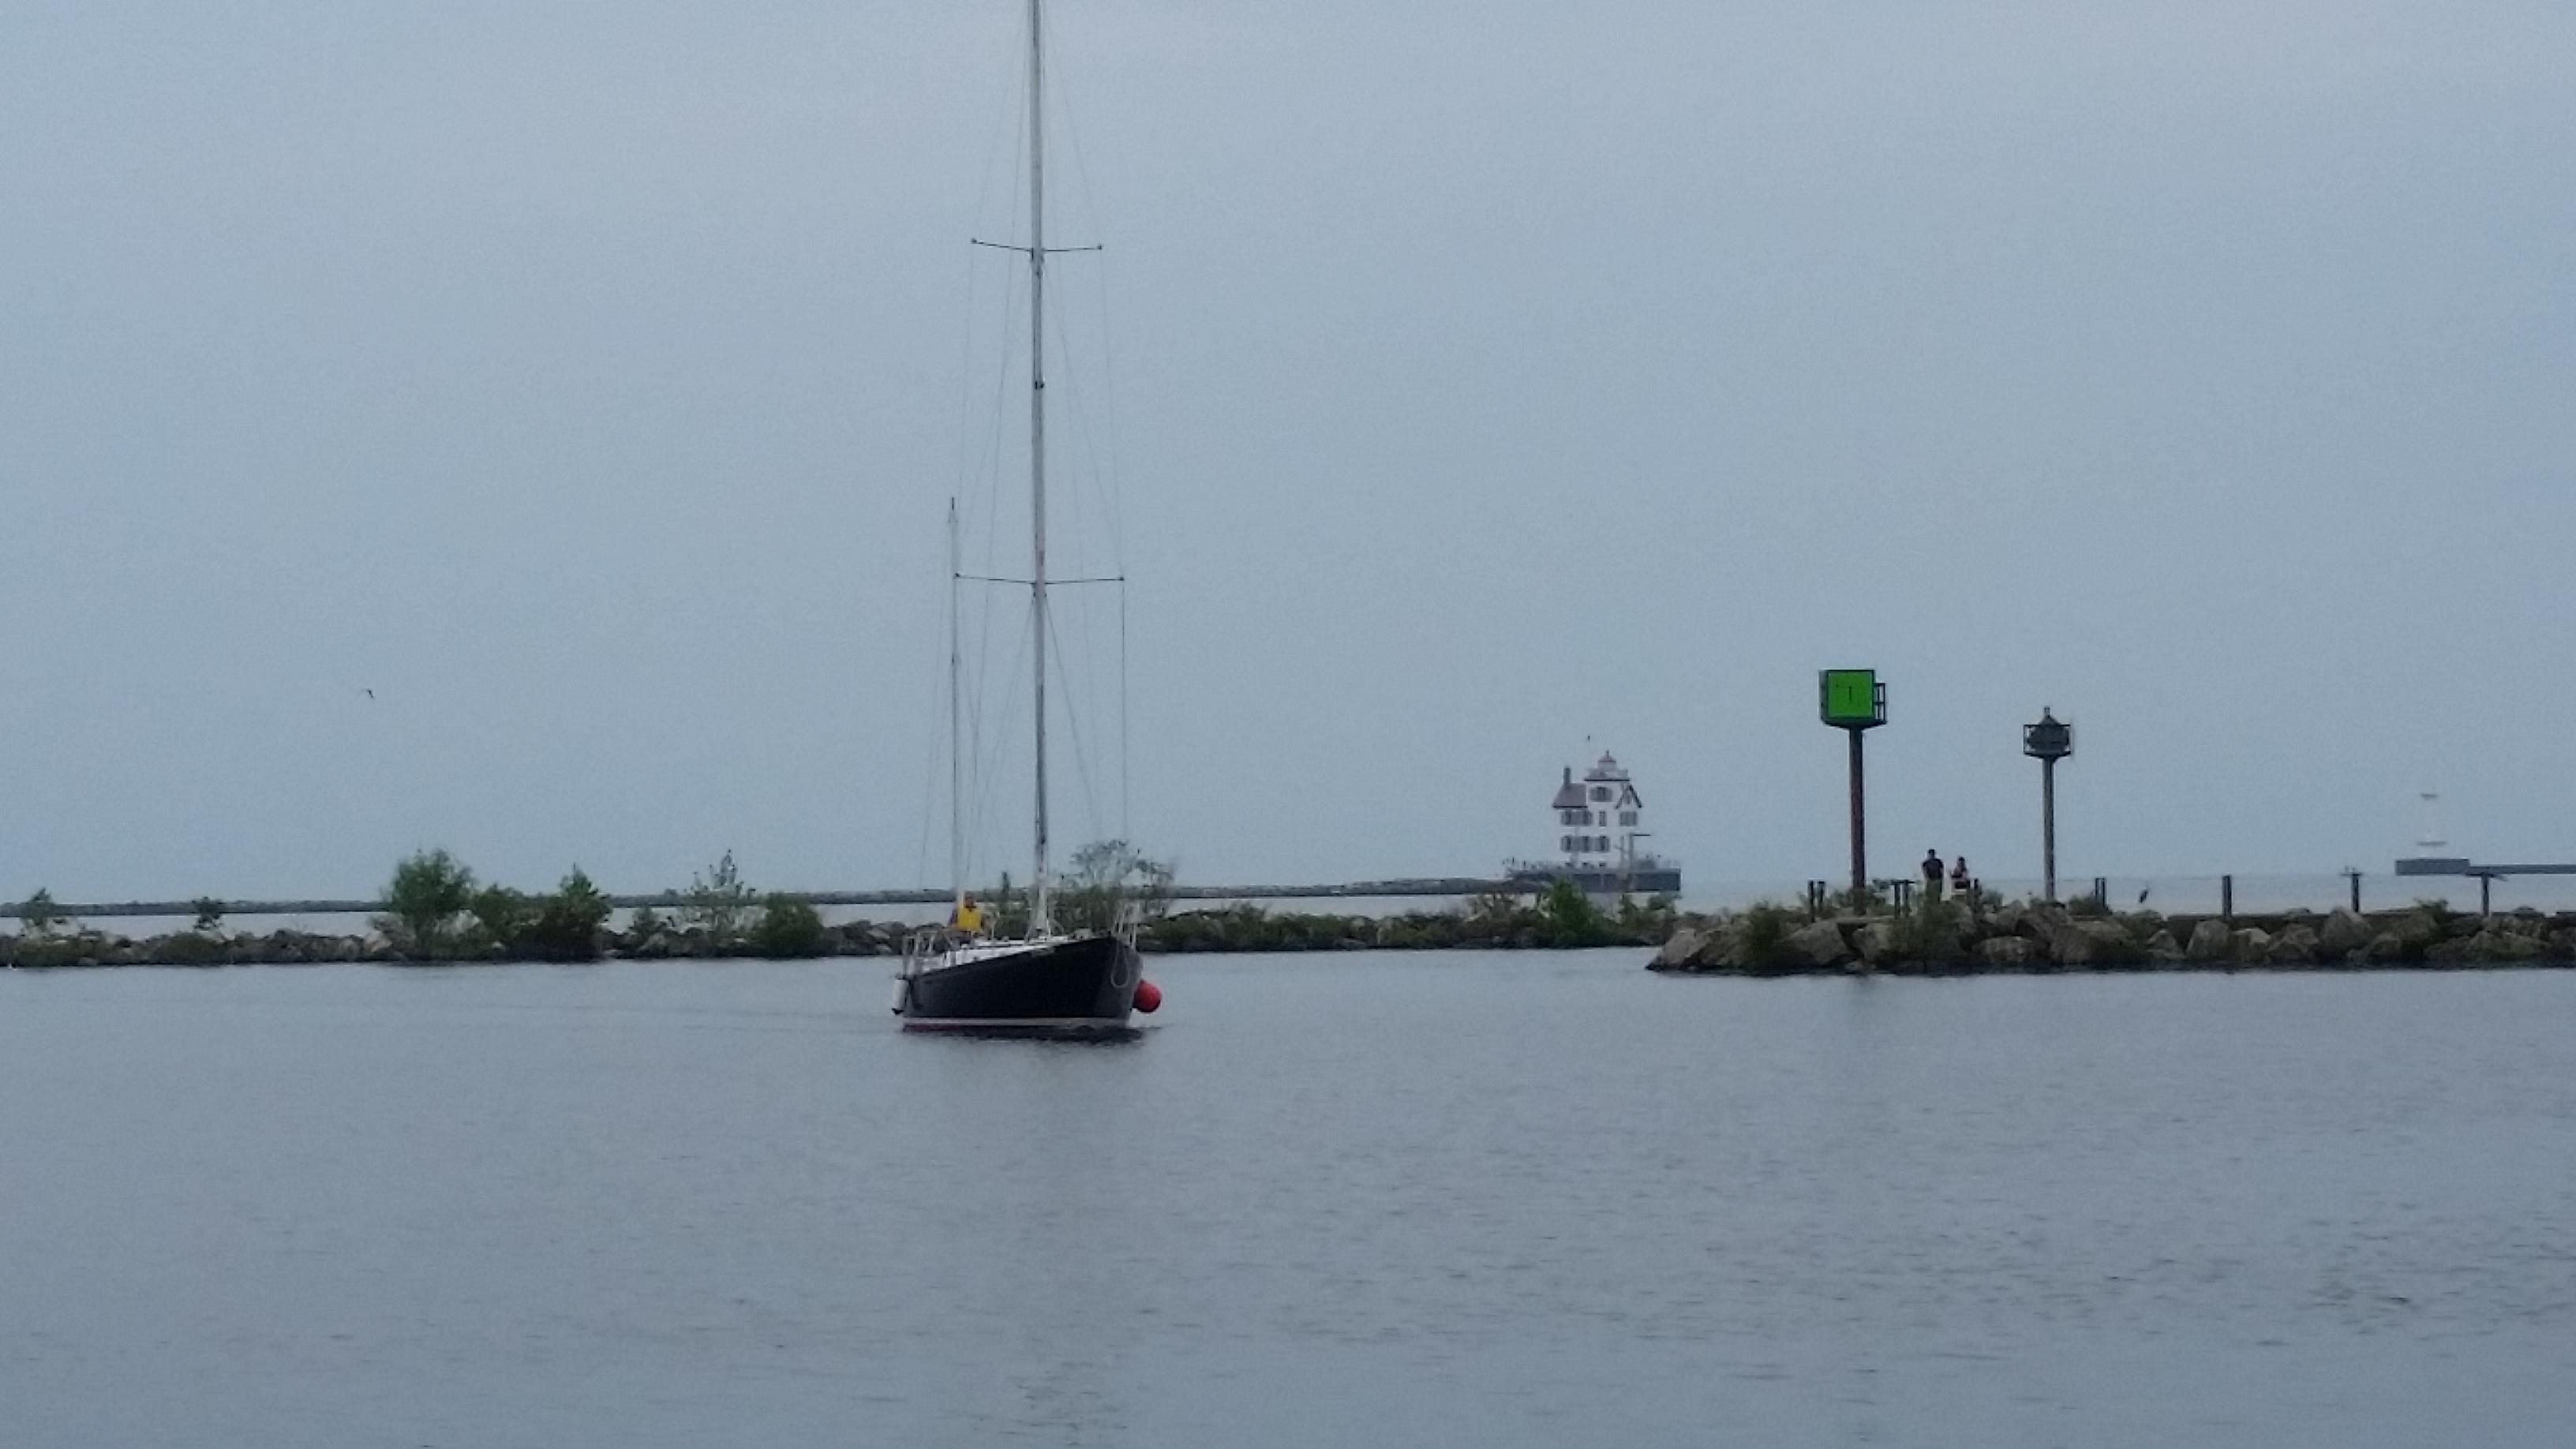 Intrepid motoring to dock